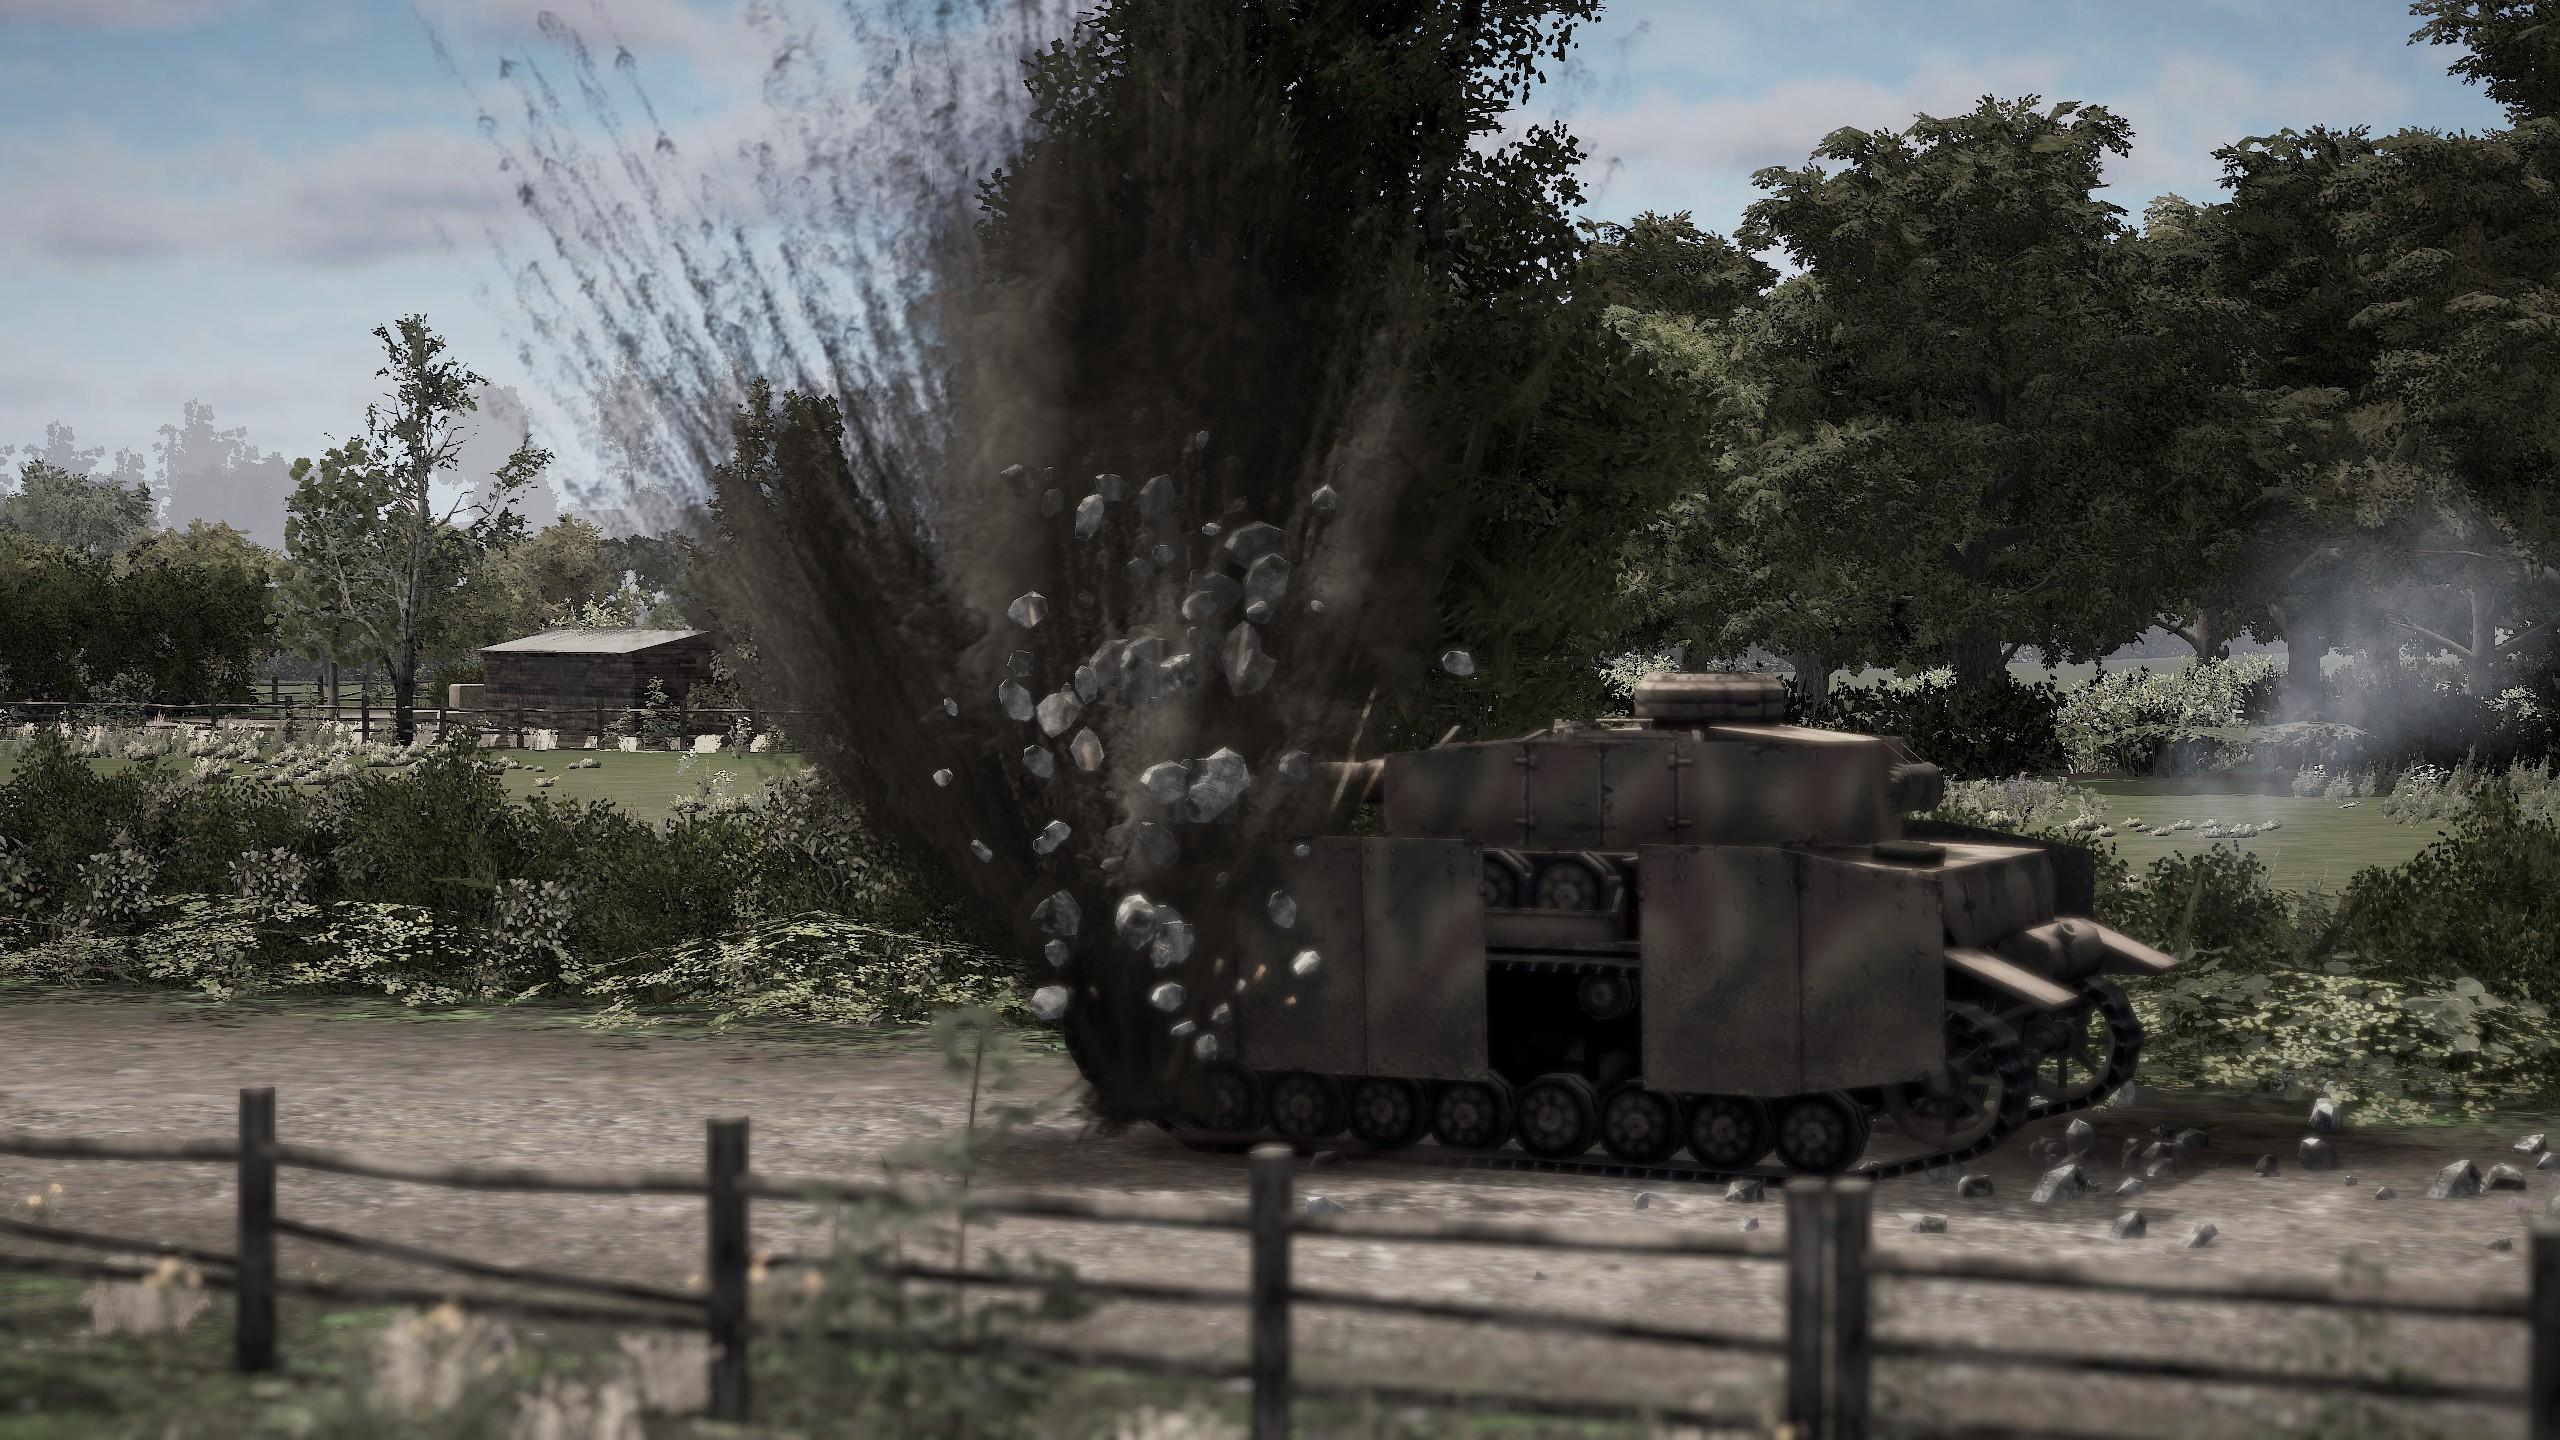 The Troop tanks